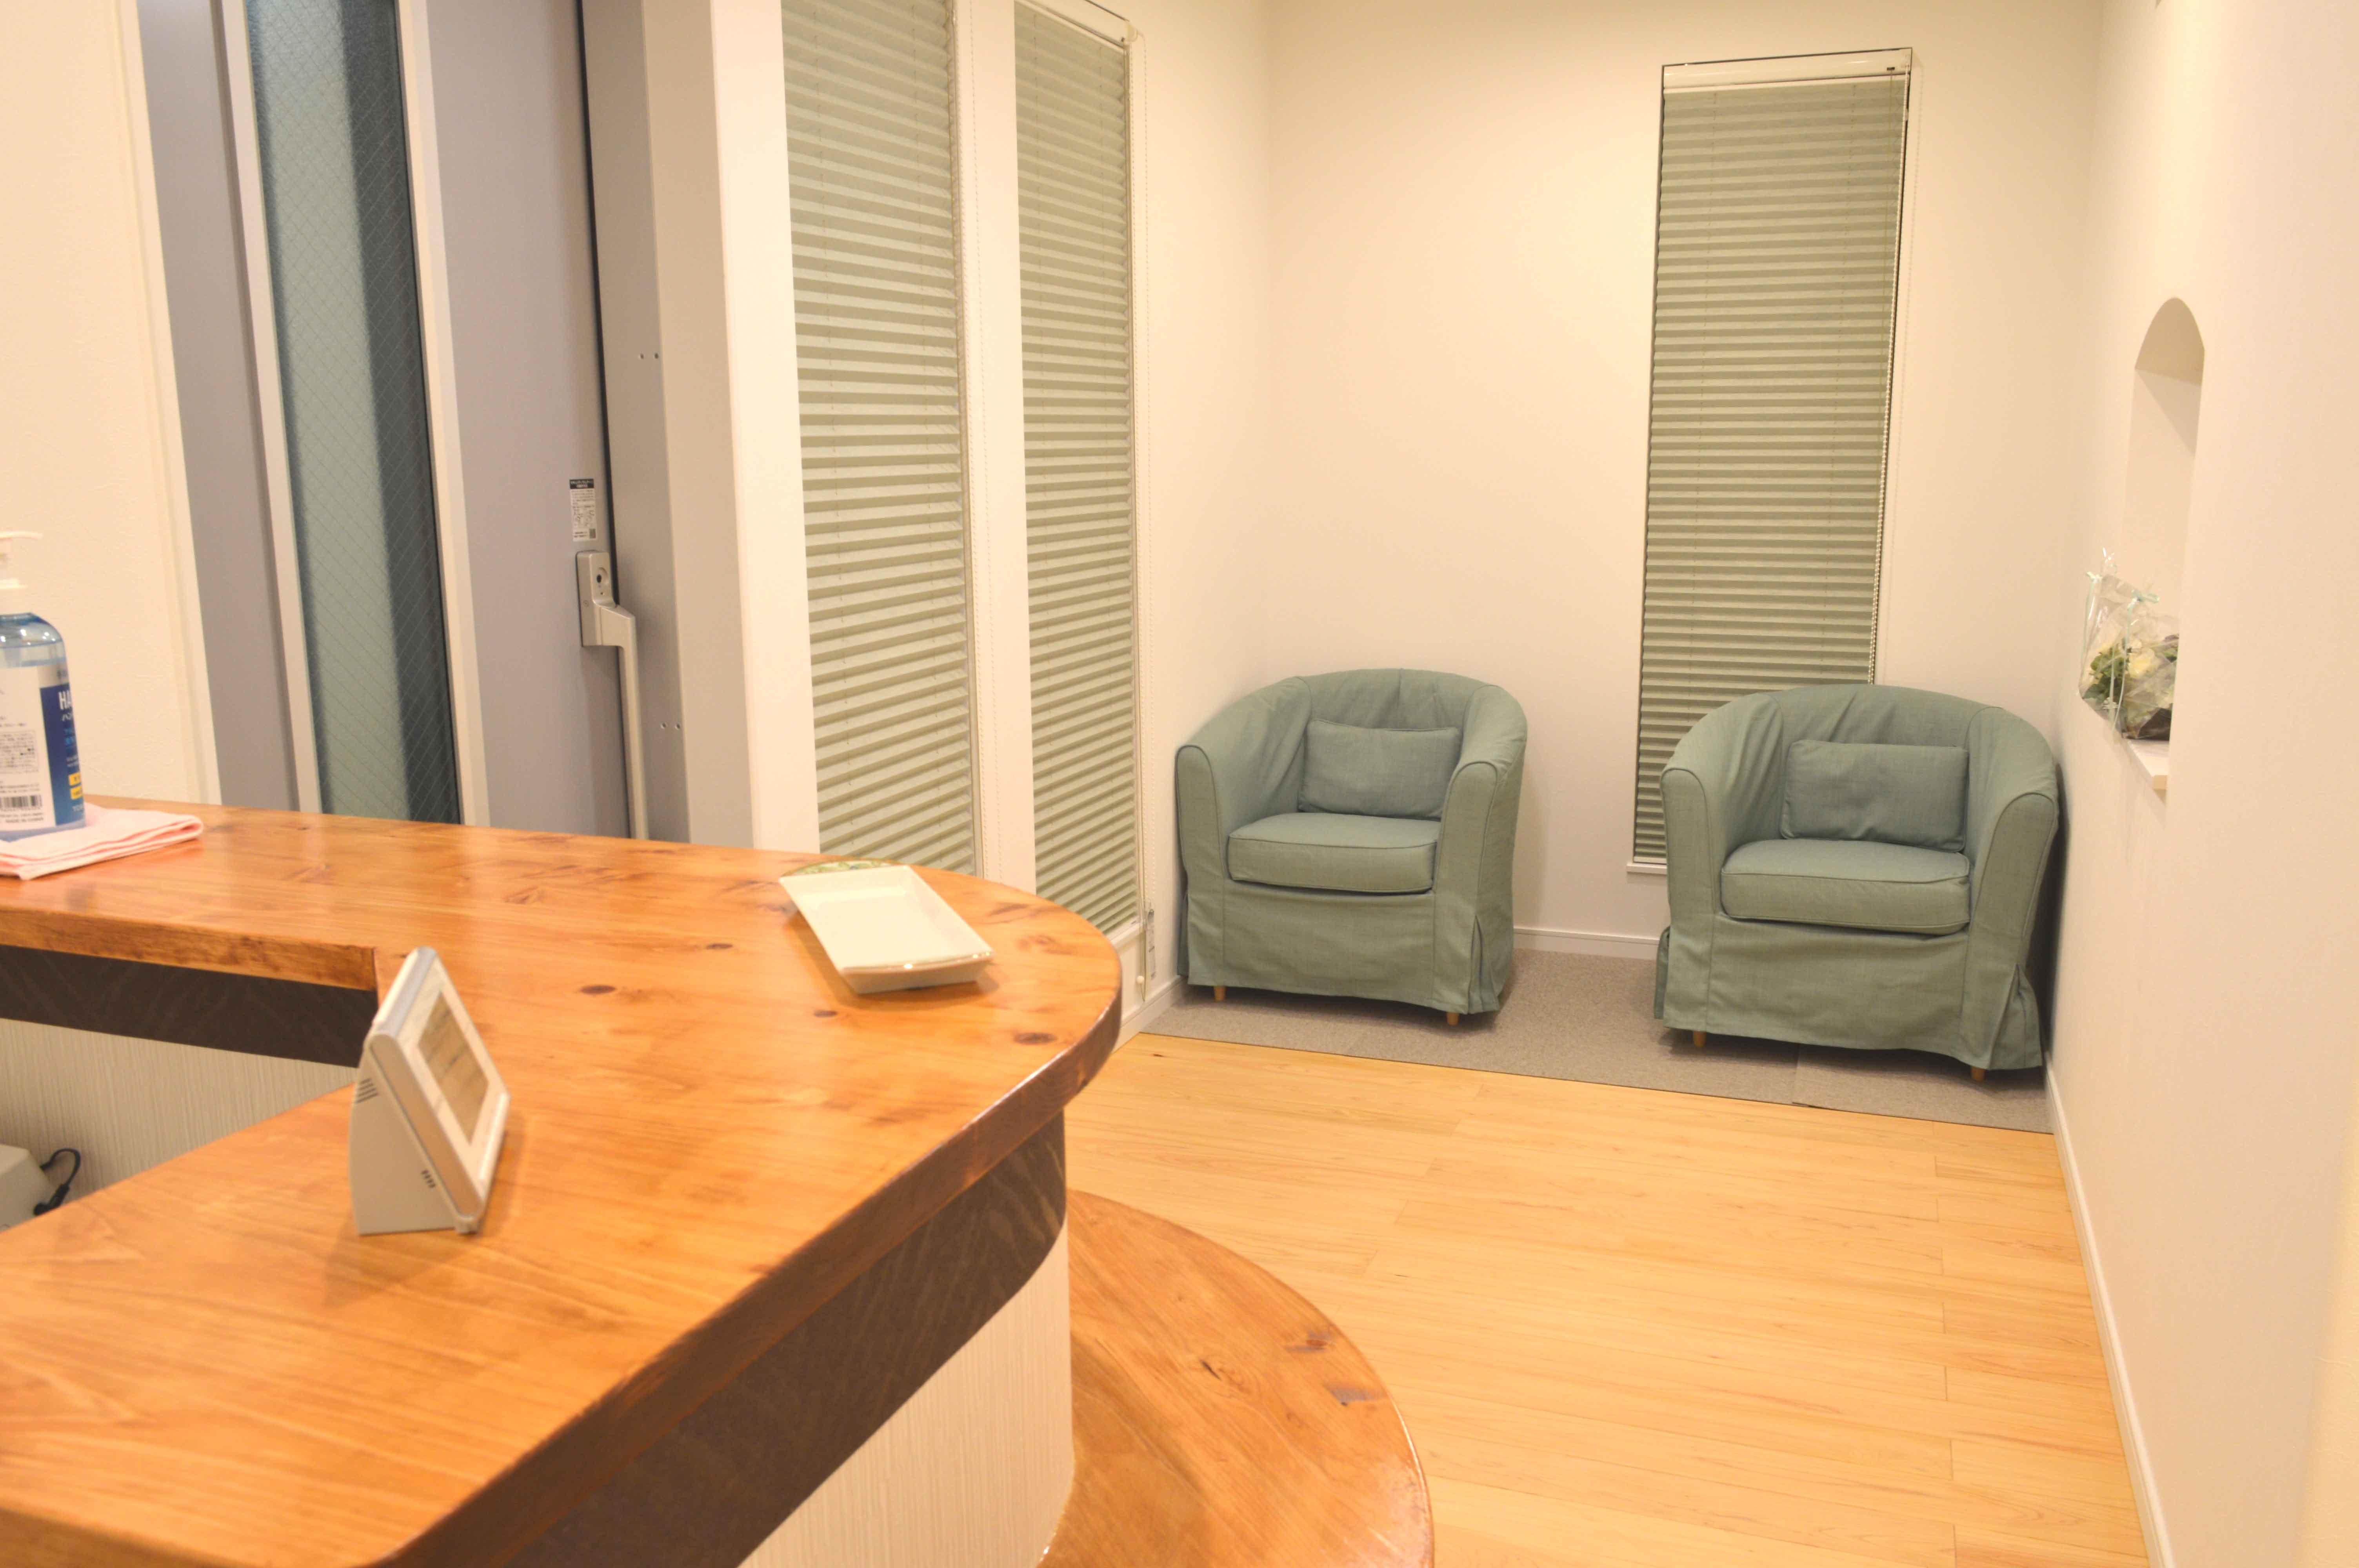 オリア施術院の受付と待合室写真